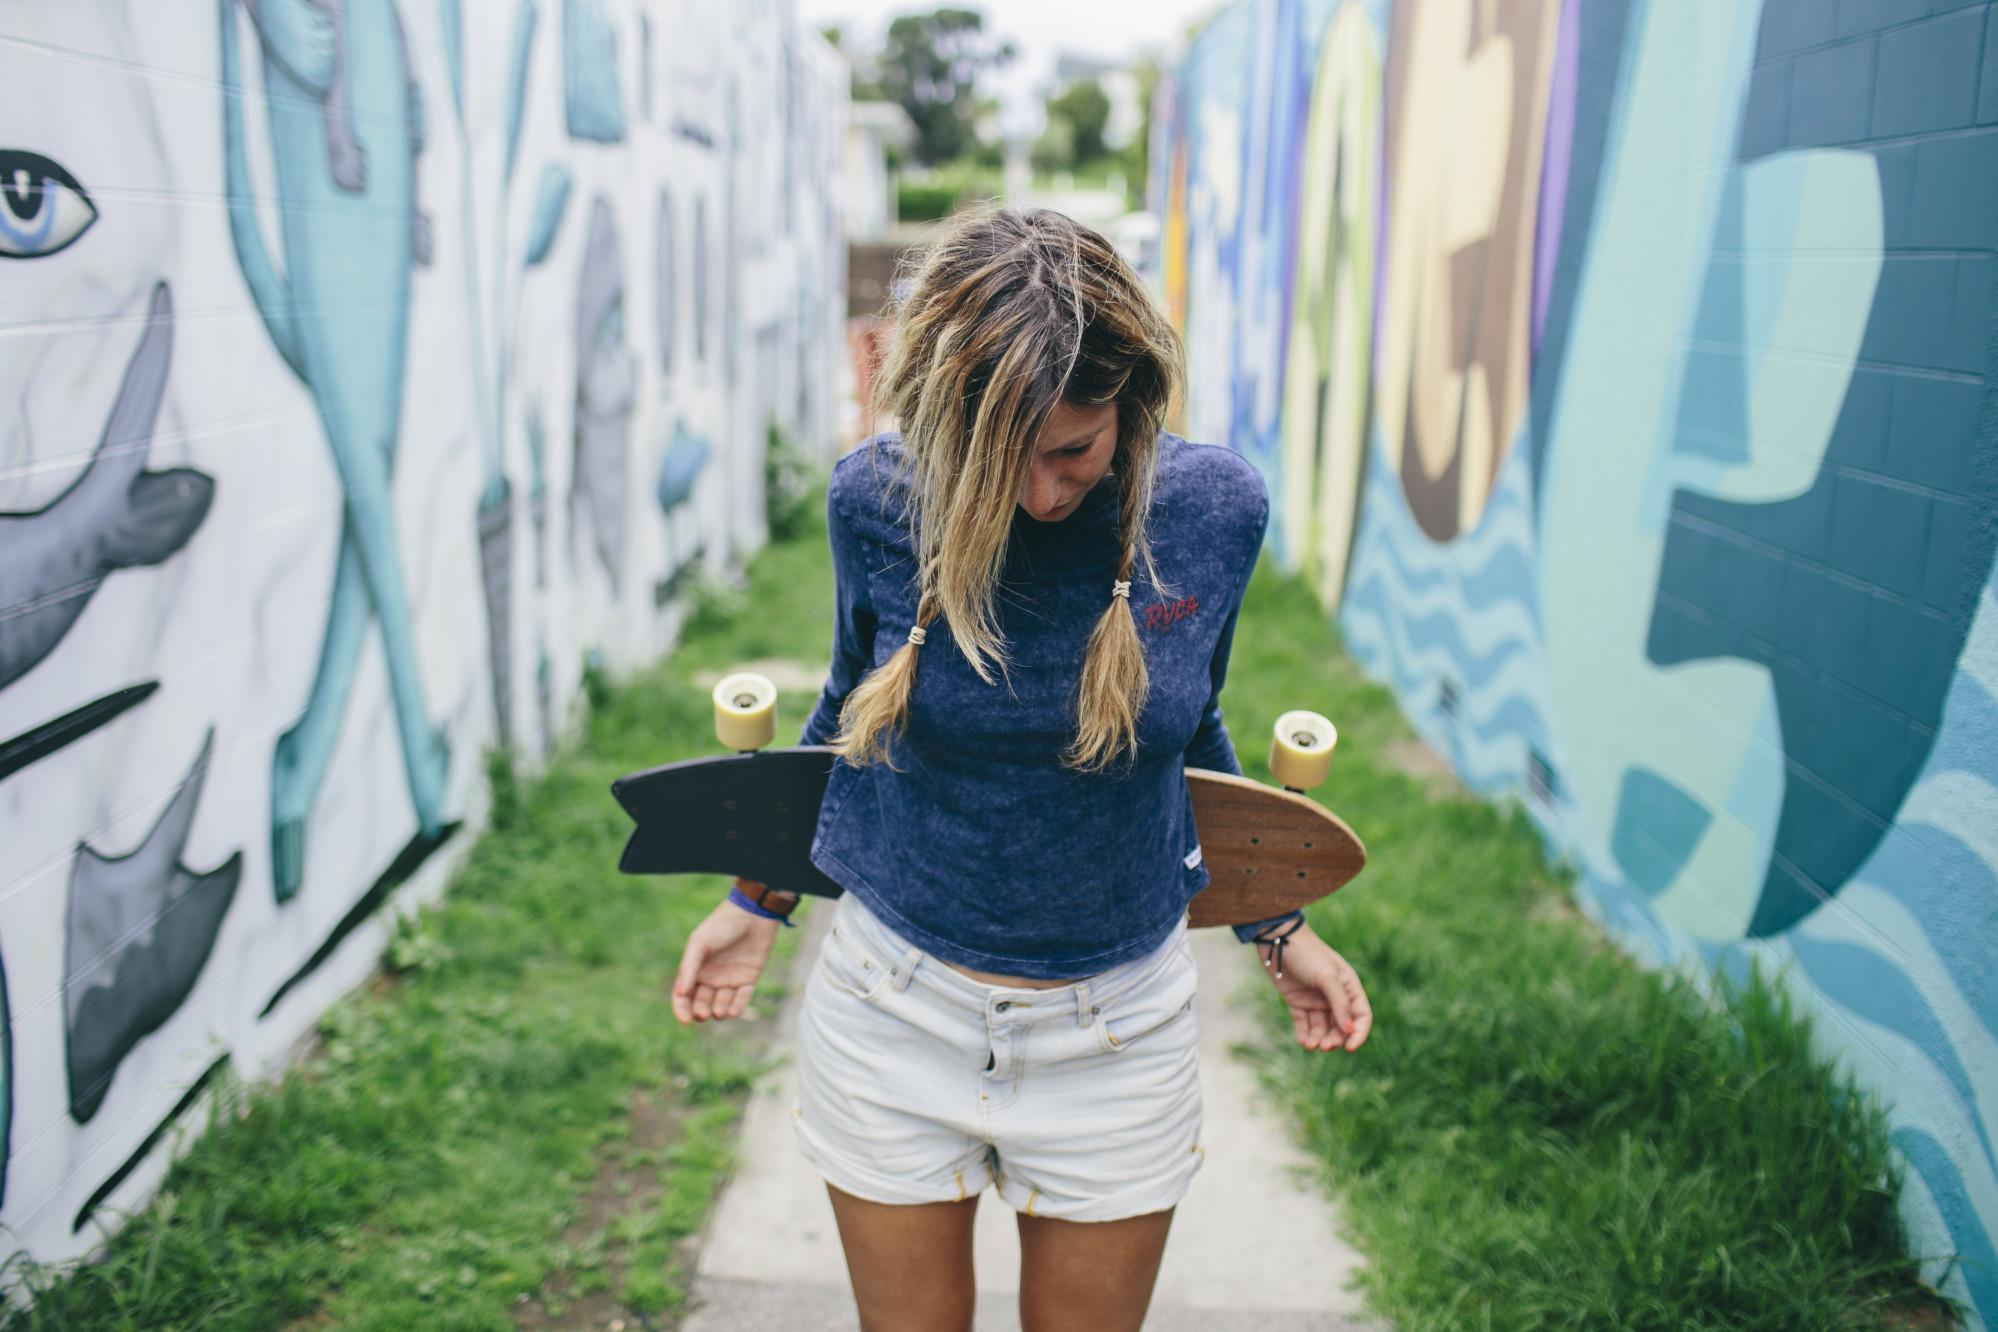 Personnaliser un skate, c'est possible ?